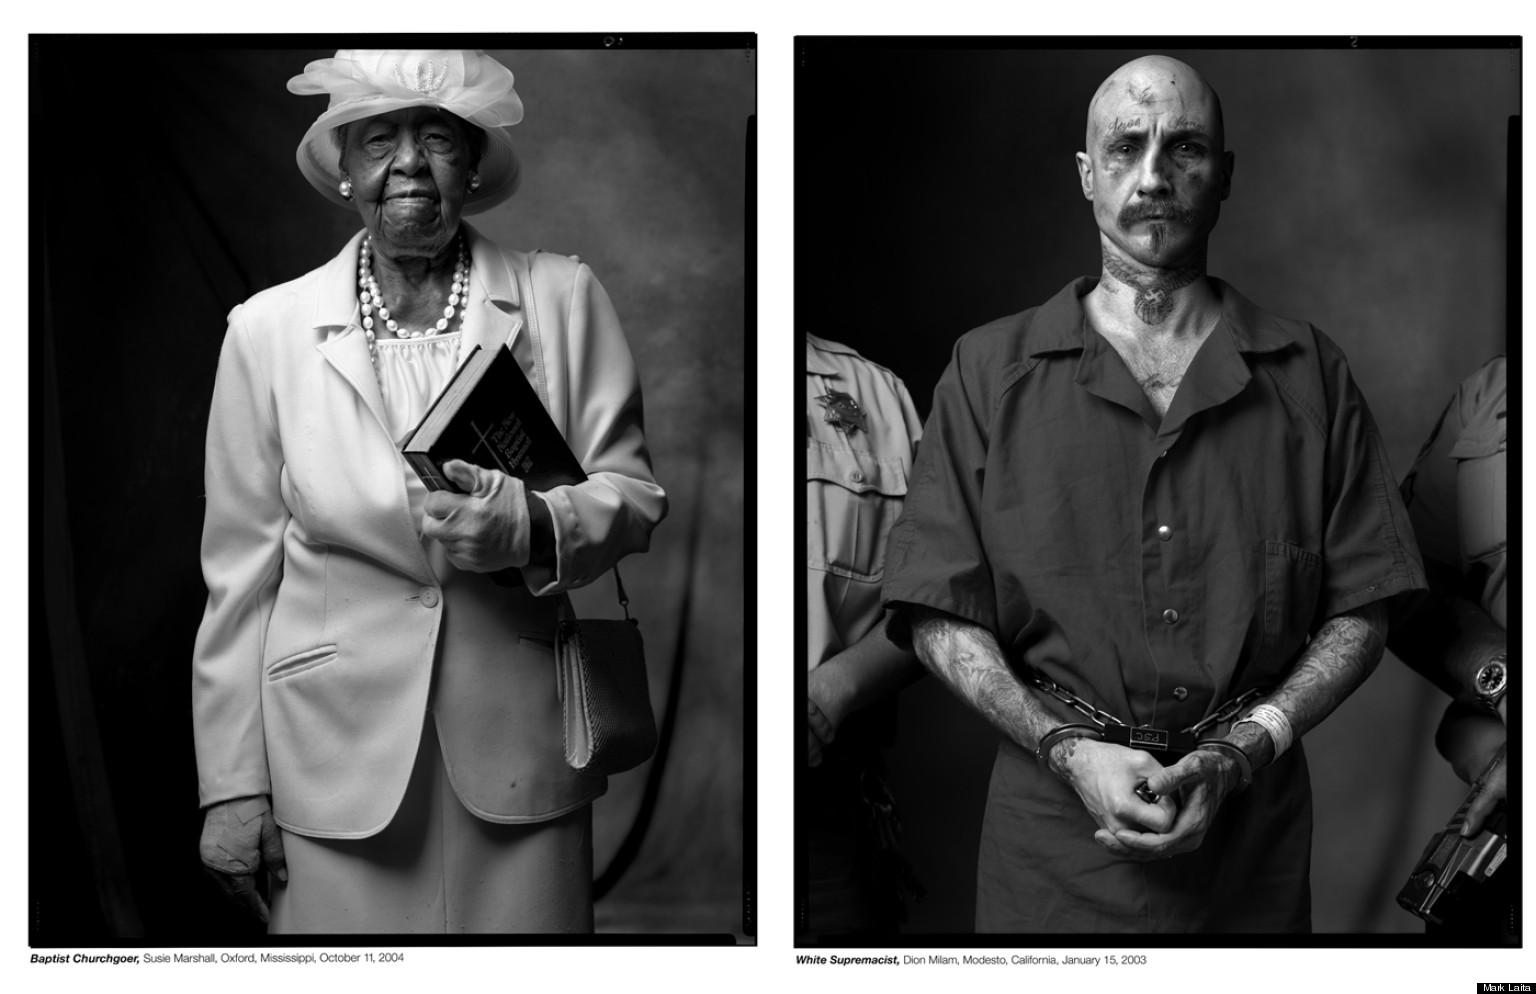 Созданные равными (Created equal). Фотограф Mark Laita